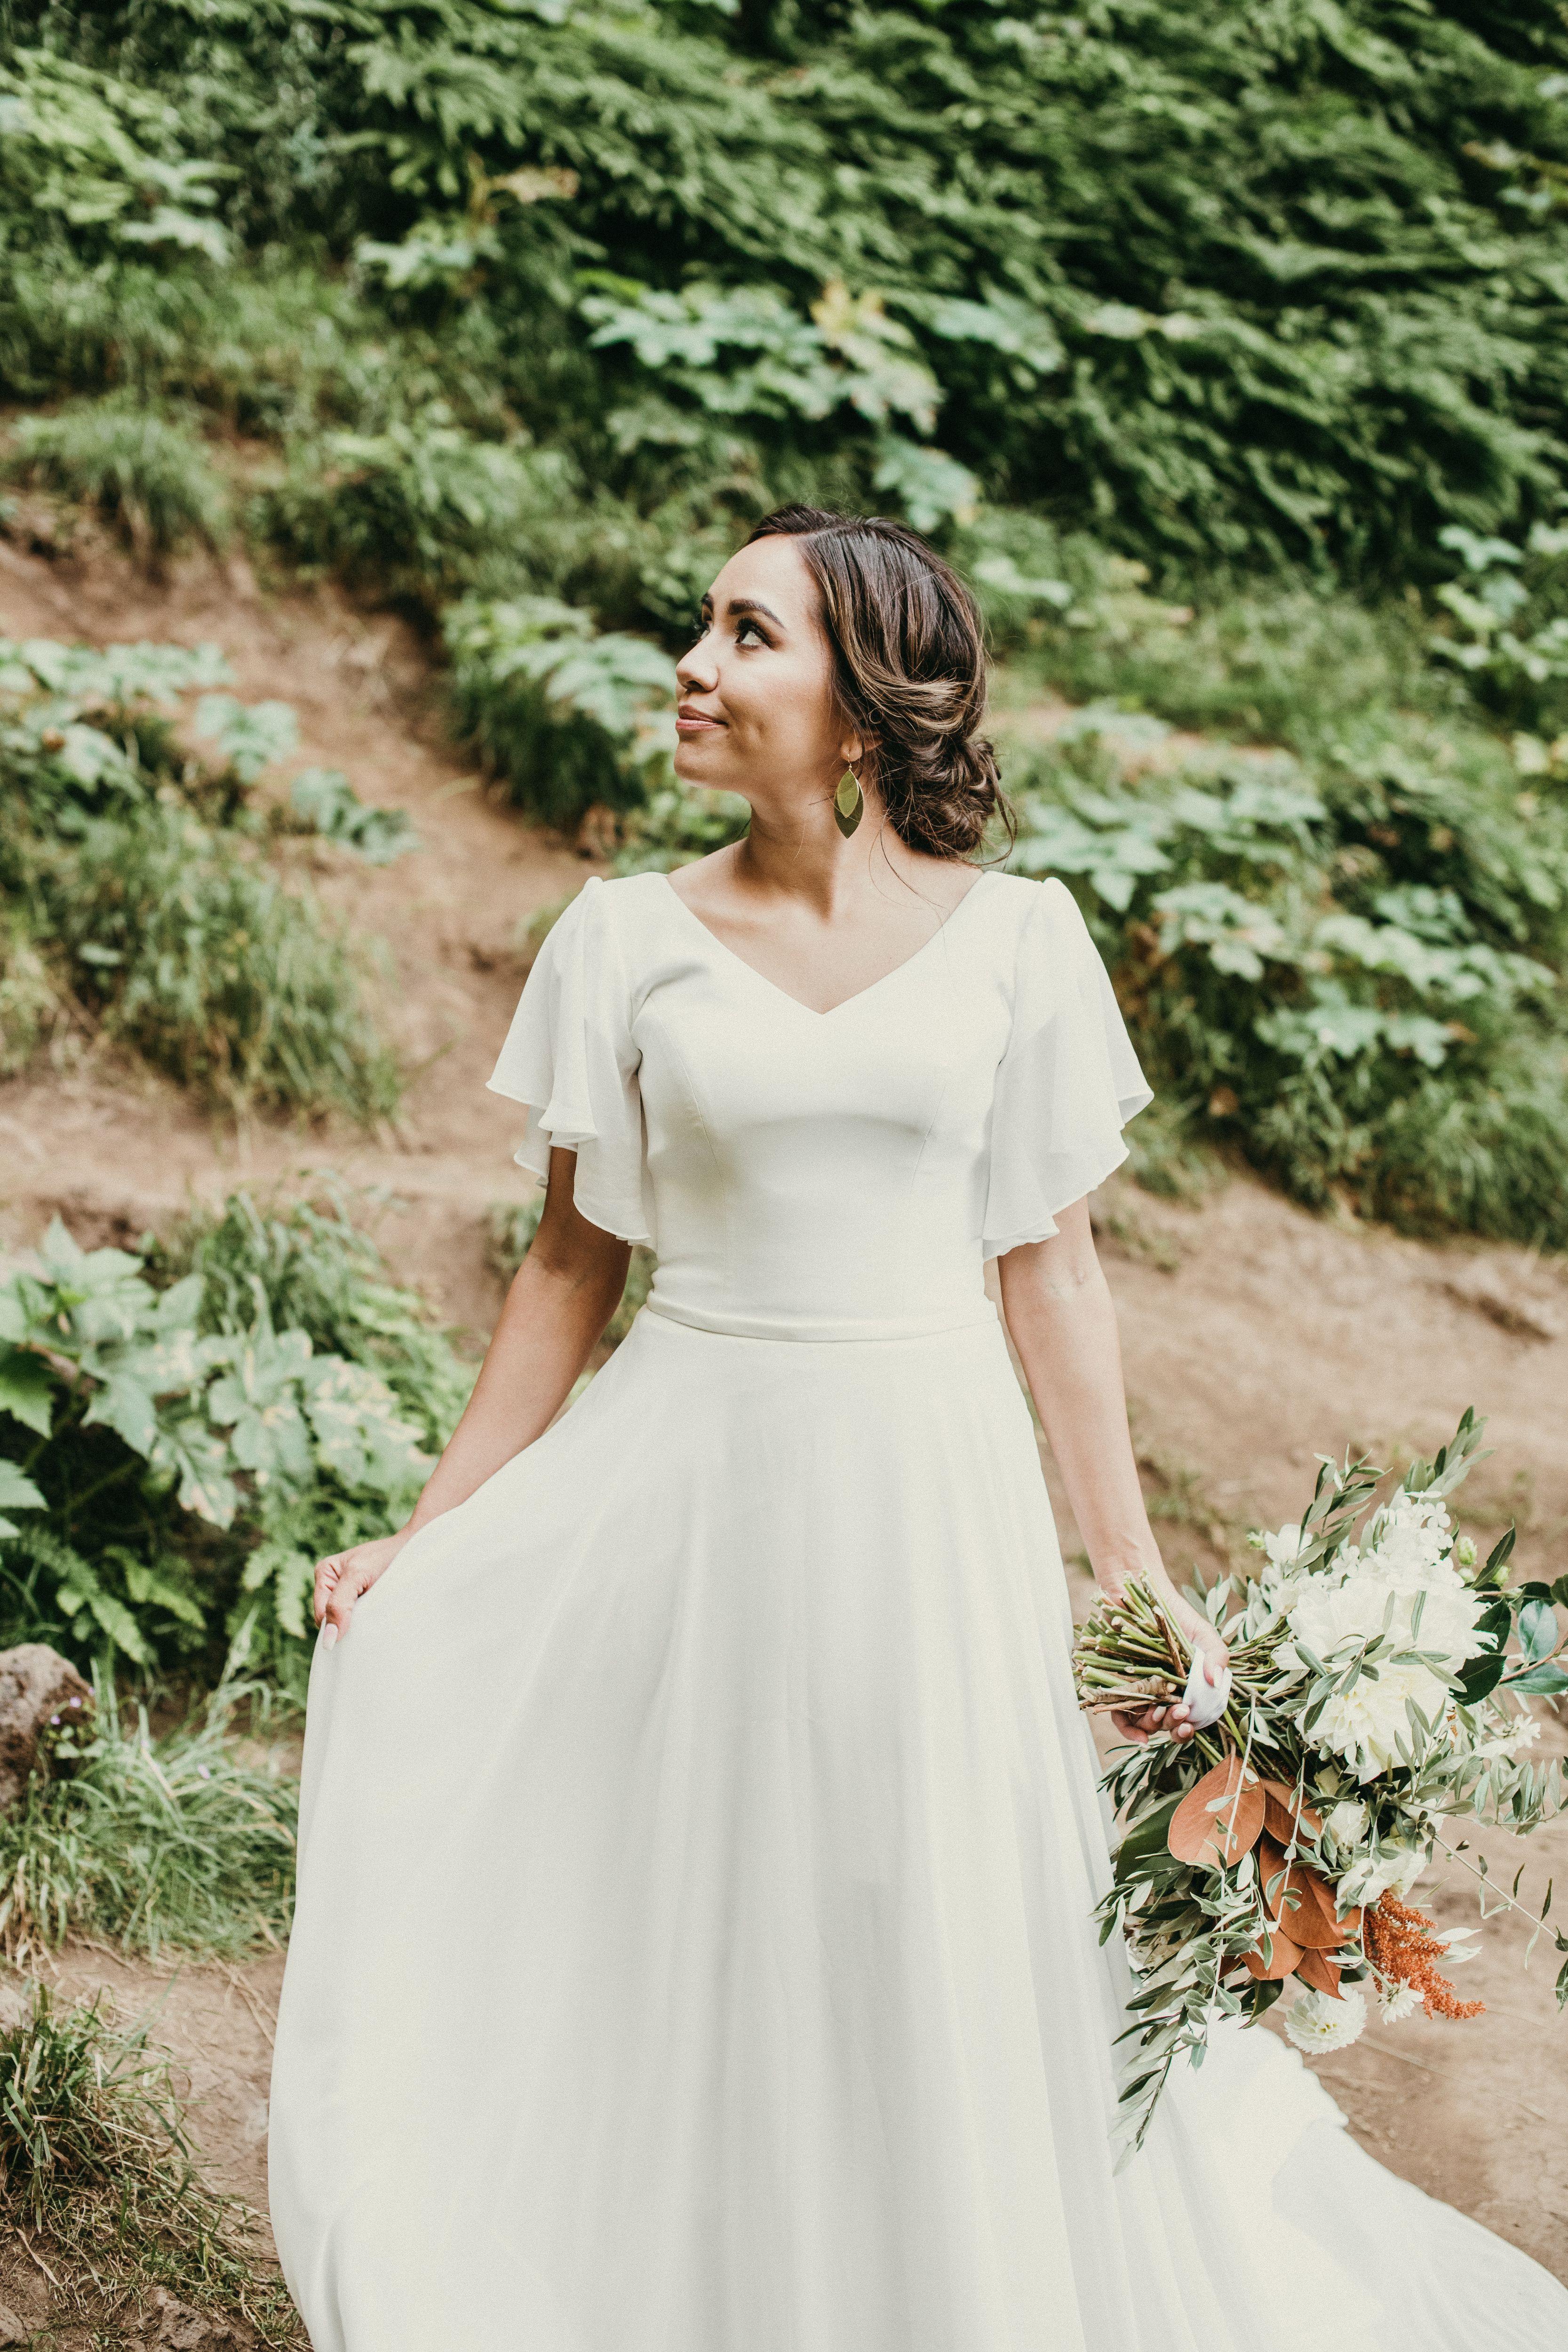 Brienne In 2021 Wedding Dresses Flowy Sleeves Modest Wedding Dresses Ball Gown Simple Wedding Dress With Sleeves [ 5000 x 3333 Pixel ]